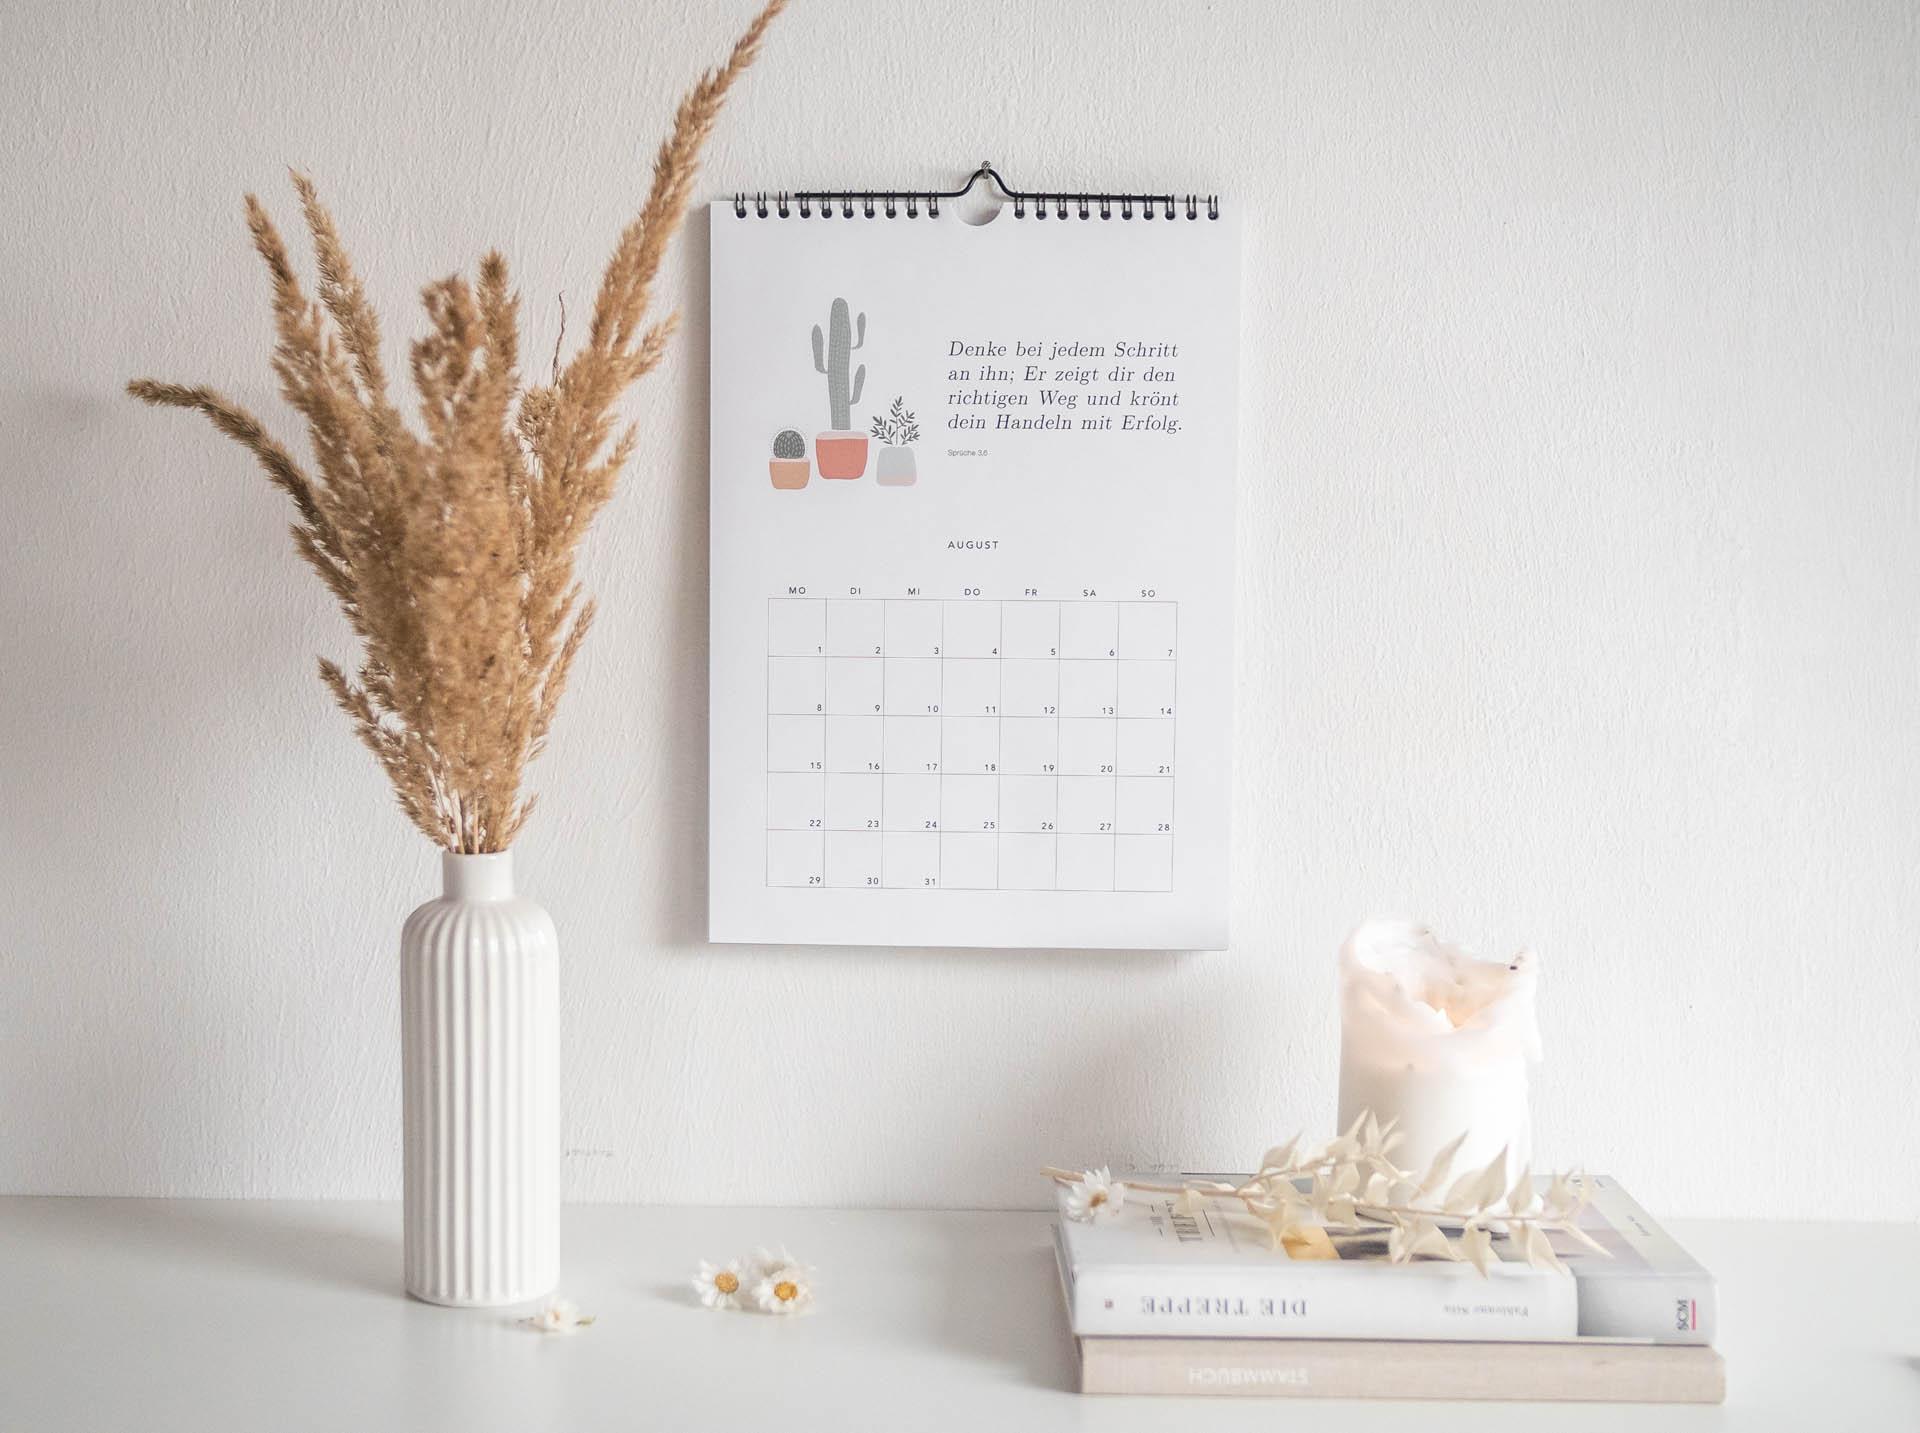 Wandkalender 2022 Denke bei jedem Schritt an ihn